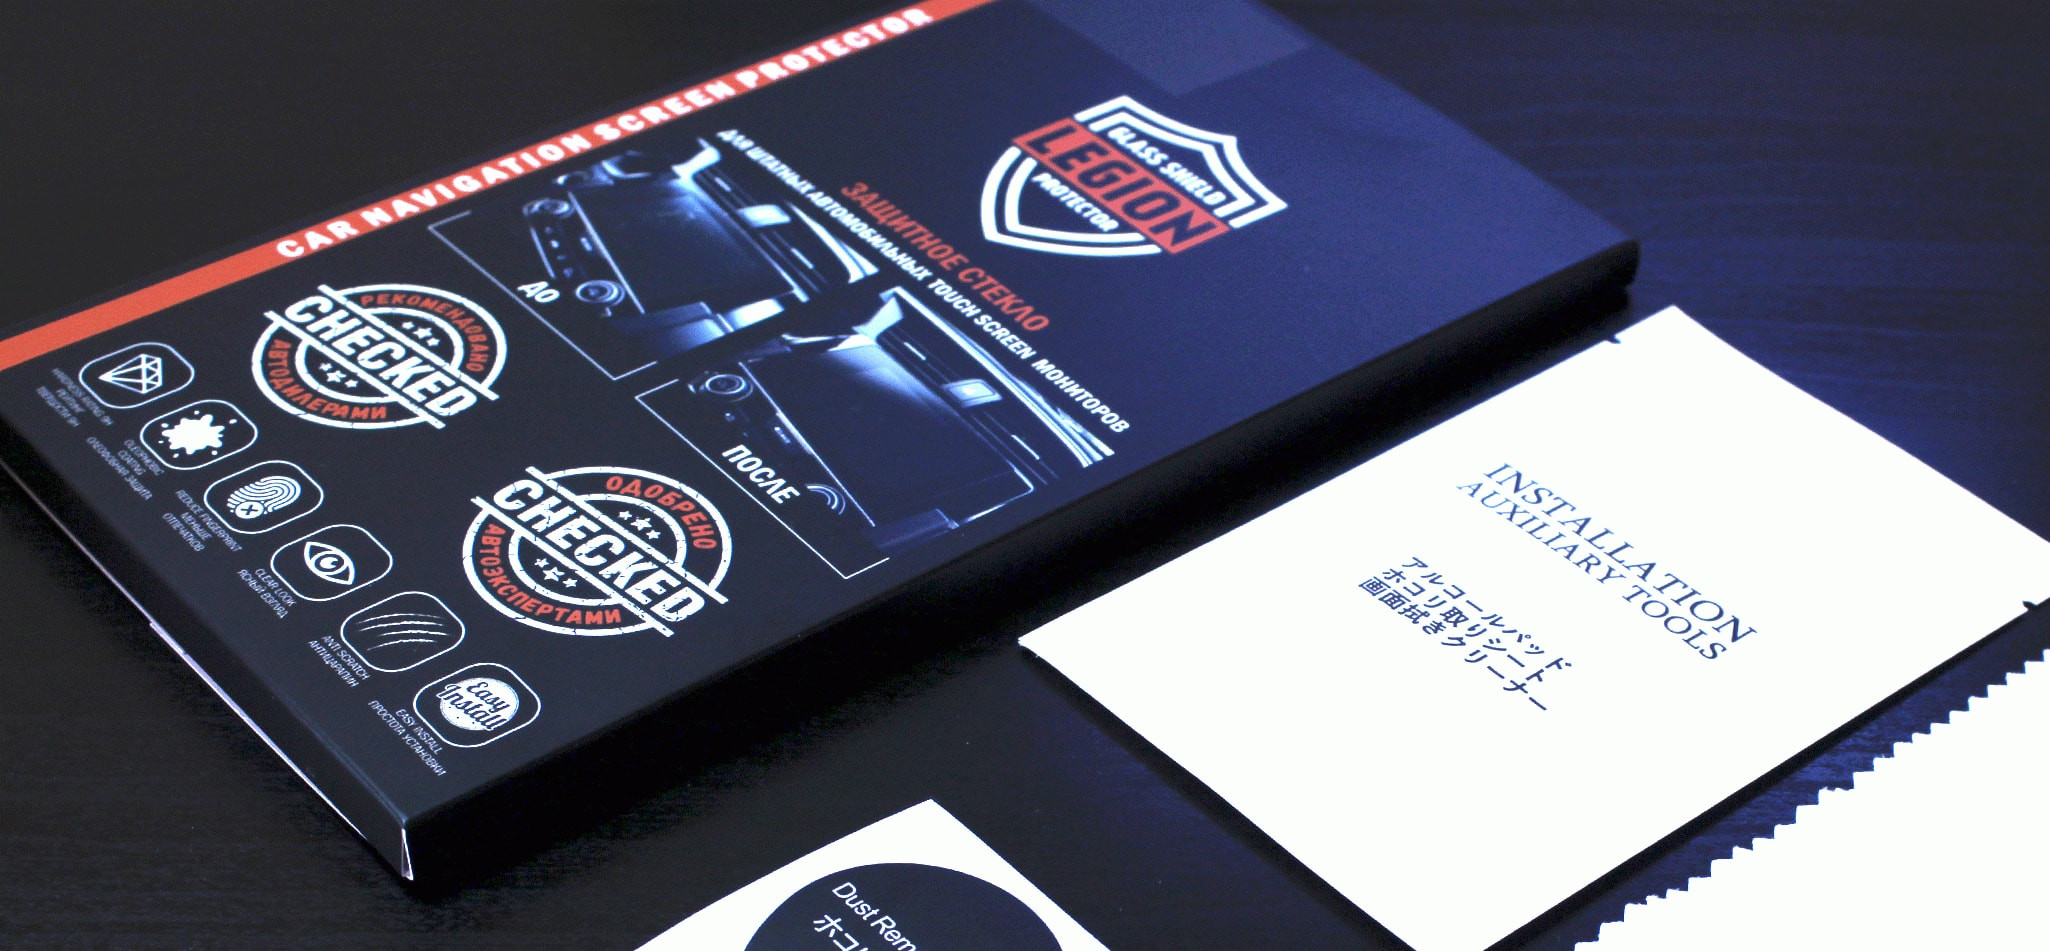 Купить комплект защиты LegionGlass для мультимедийной системы и навигации автомобиля Москва Россия